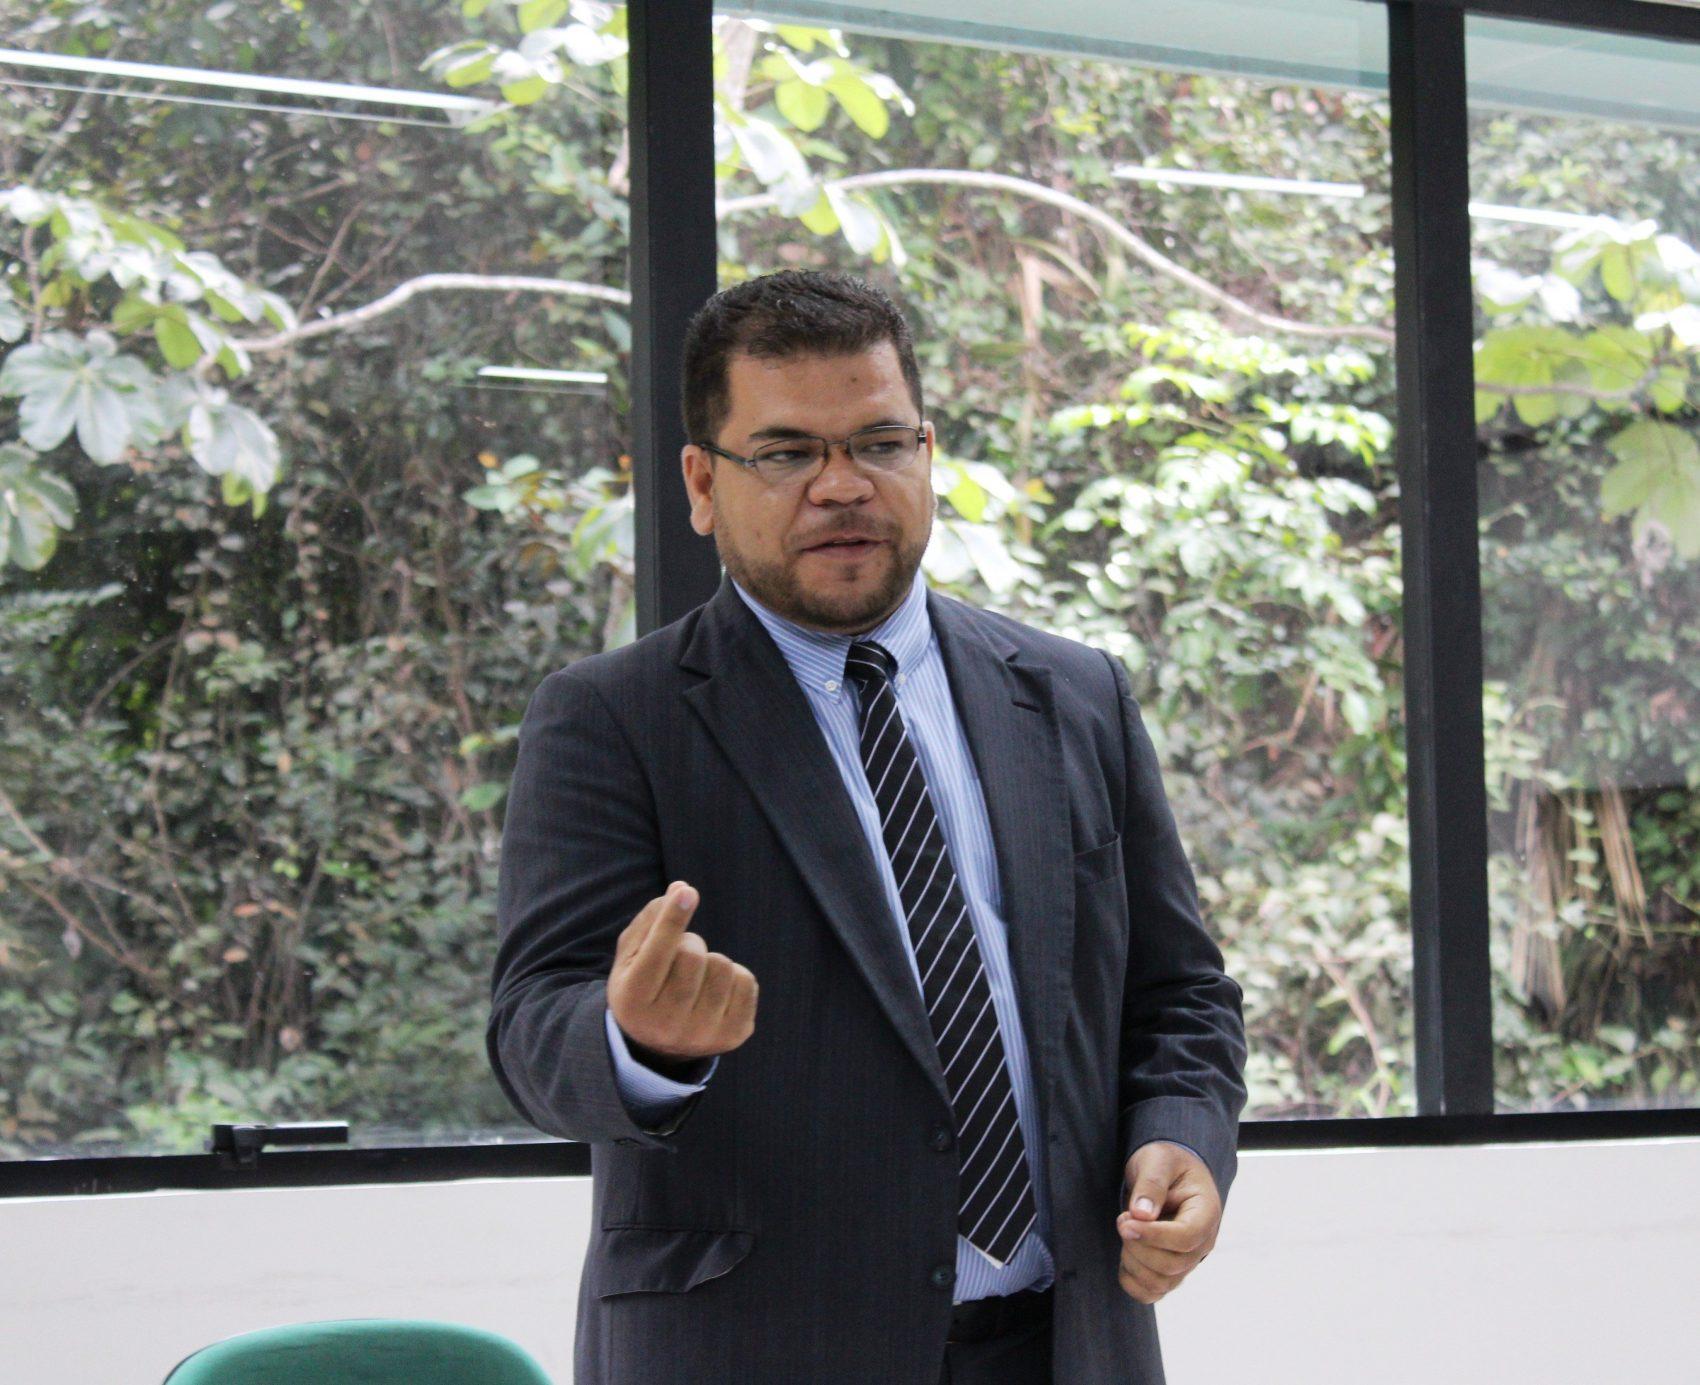 O professor José de Ribamar da Silva Nunes: descoberta da mutação genética que fez tambaquis nascerem sem espinha (Foto: Arquivo Pessoal)